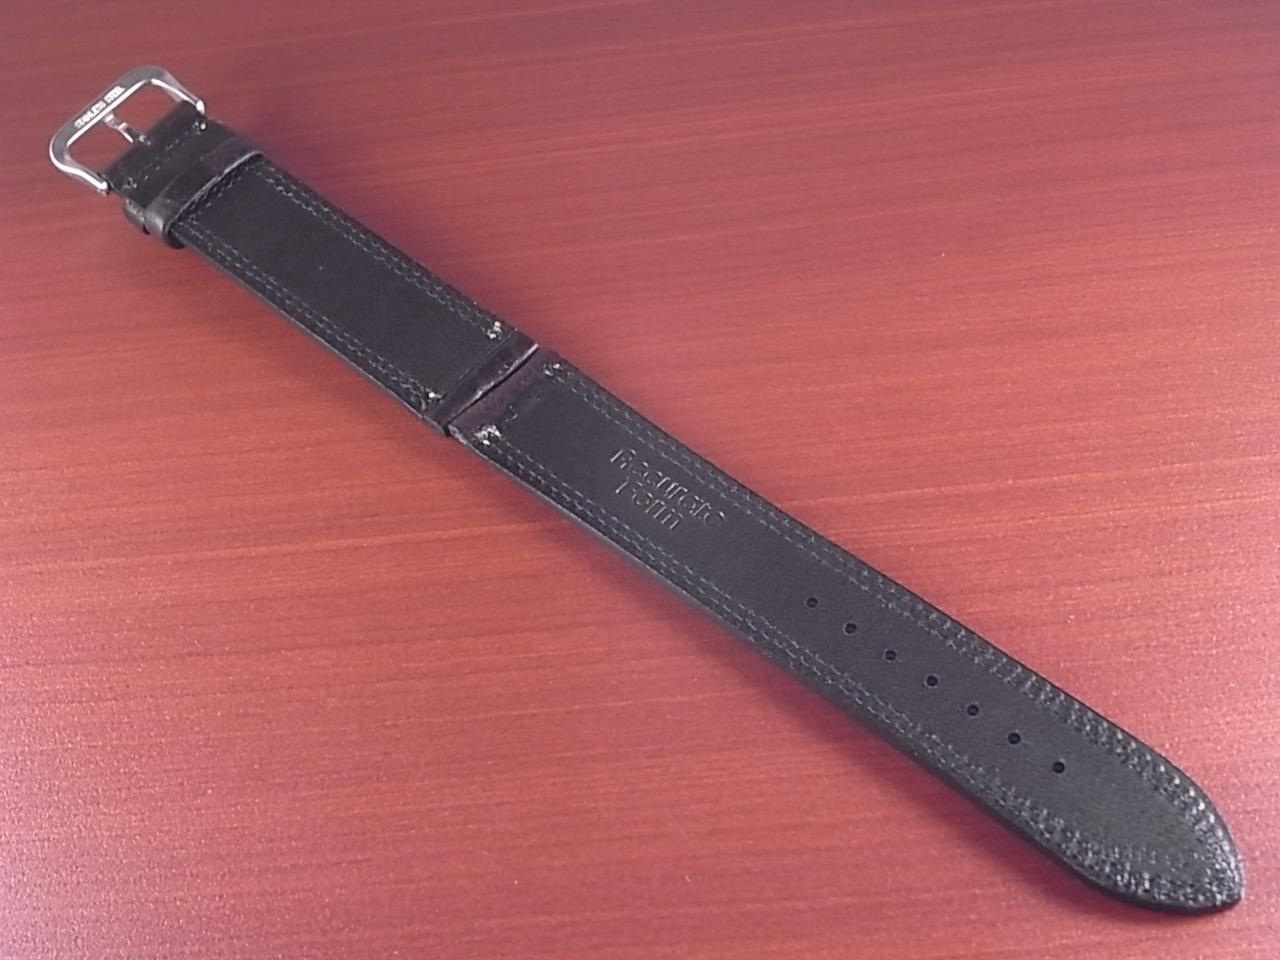 ホースハイド 革ベルト  Wステッチ ダークブラウン 18、20mmの写真2枚目